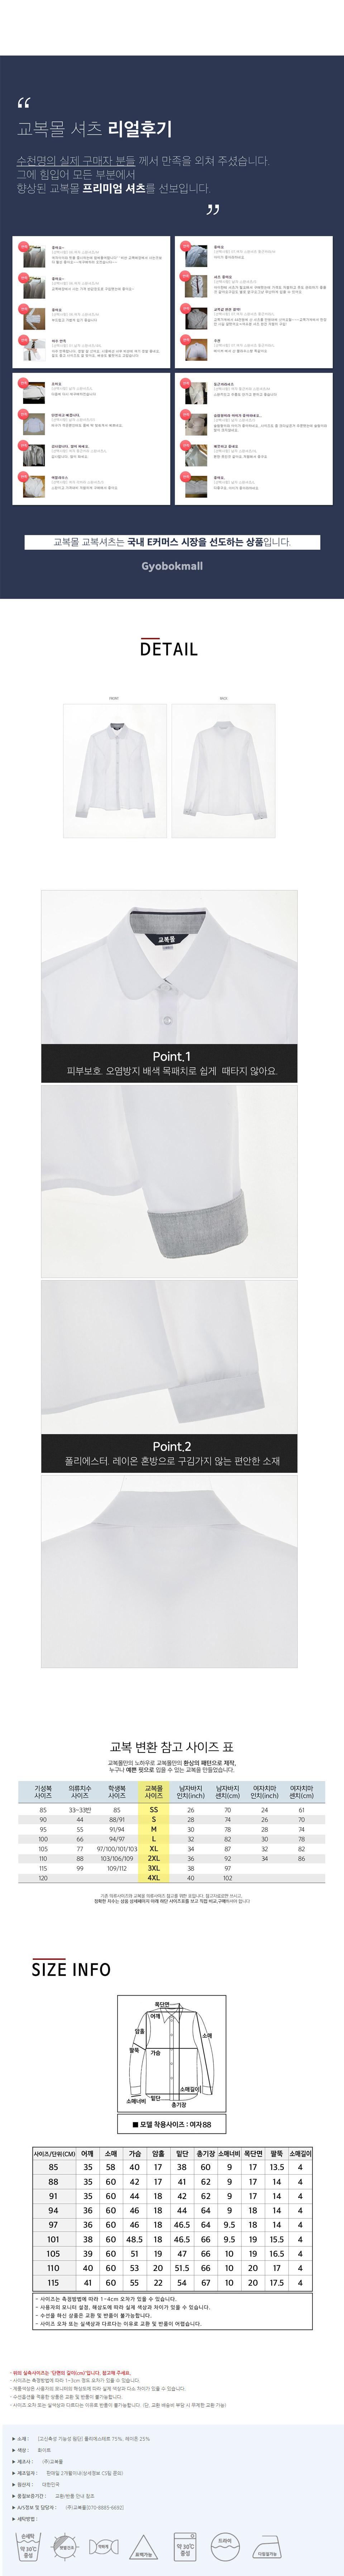 [교복사이즈] 프리미엄 둥근카라 그레이 화이트 셔츠 - 교복몰, 26,400원, 여성 스쿨룩, 상의